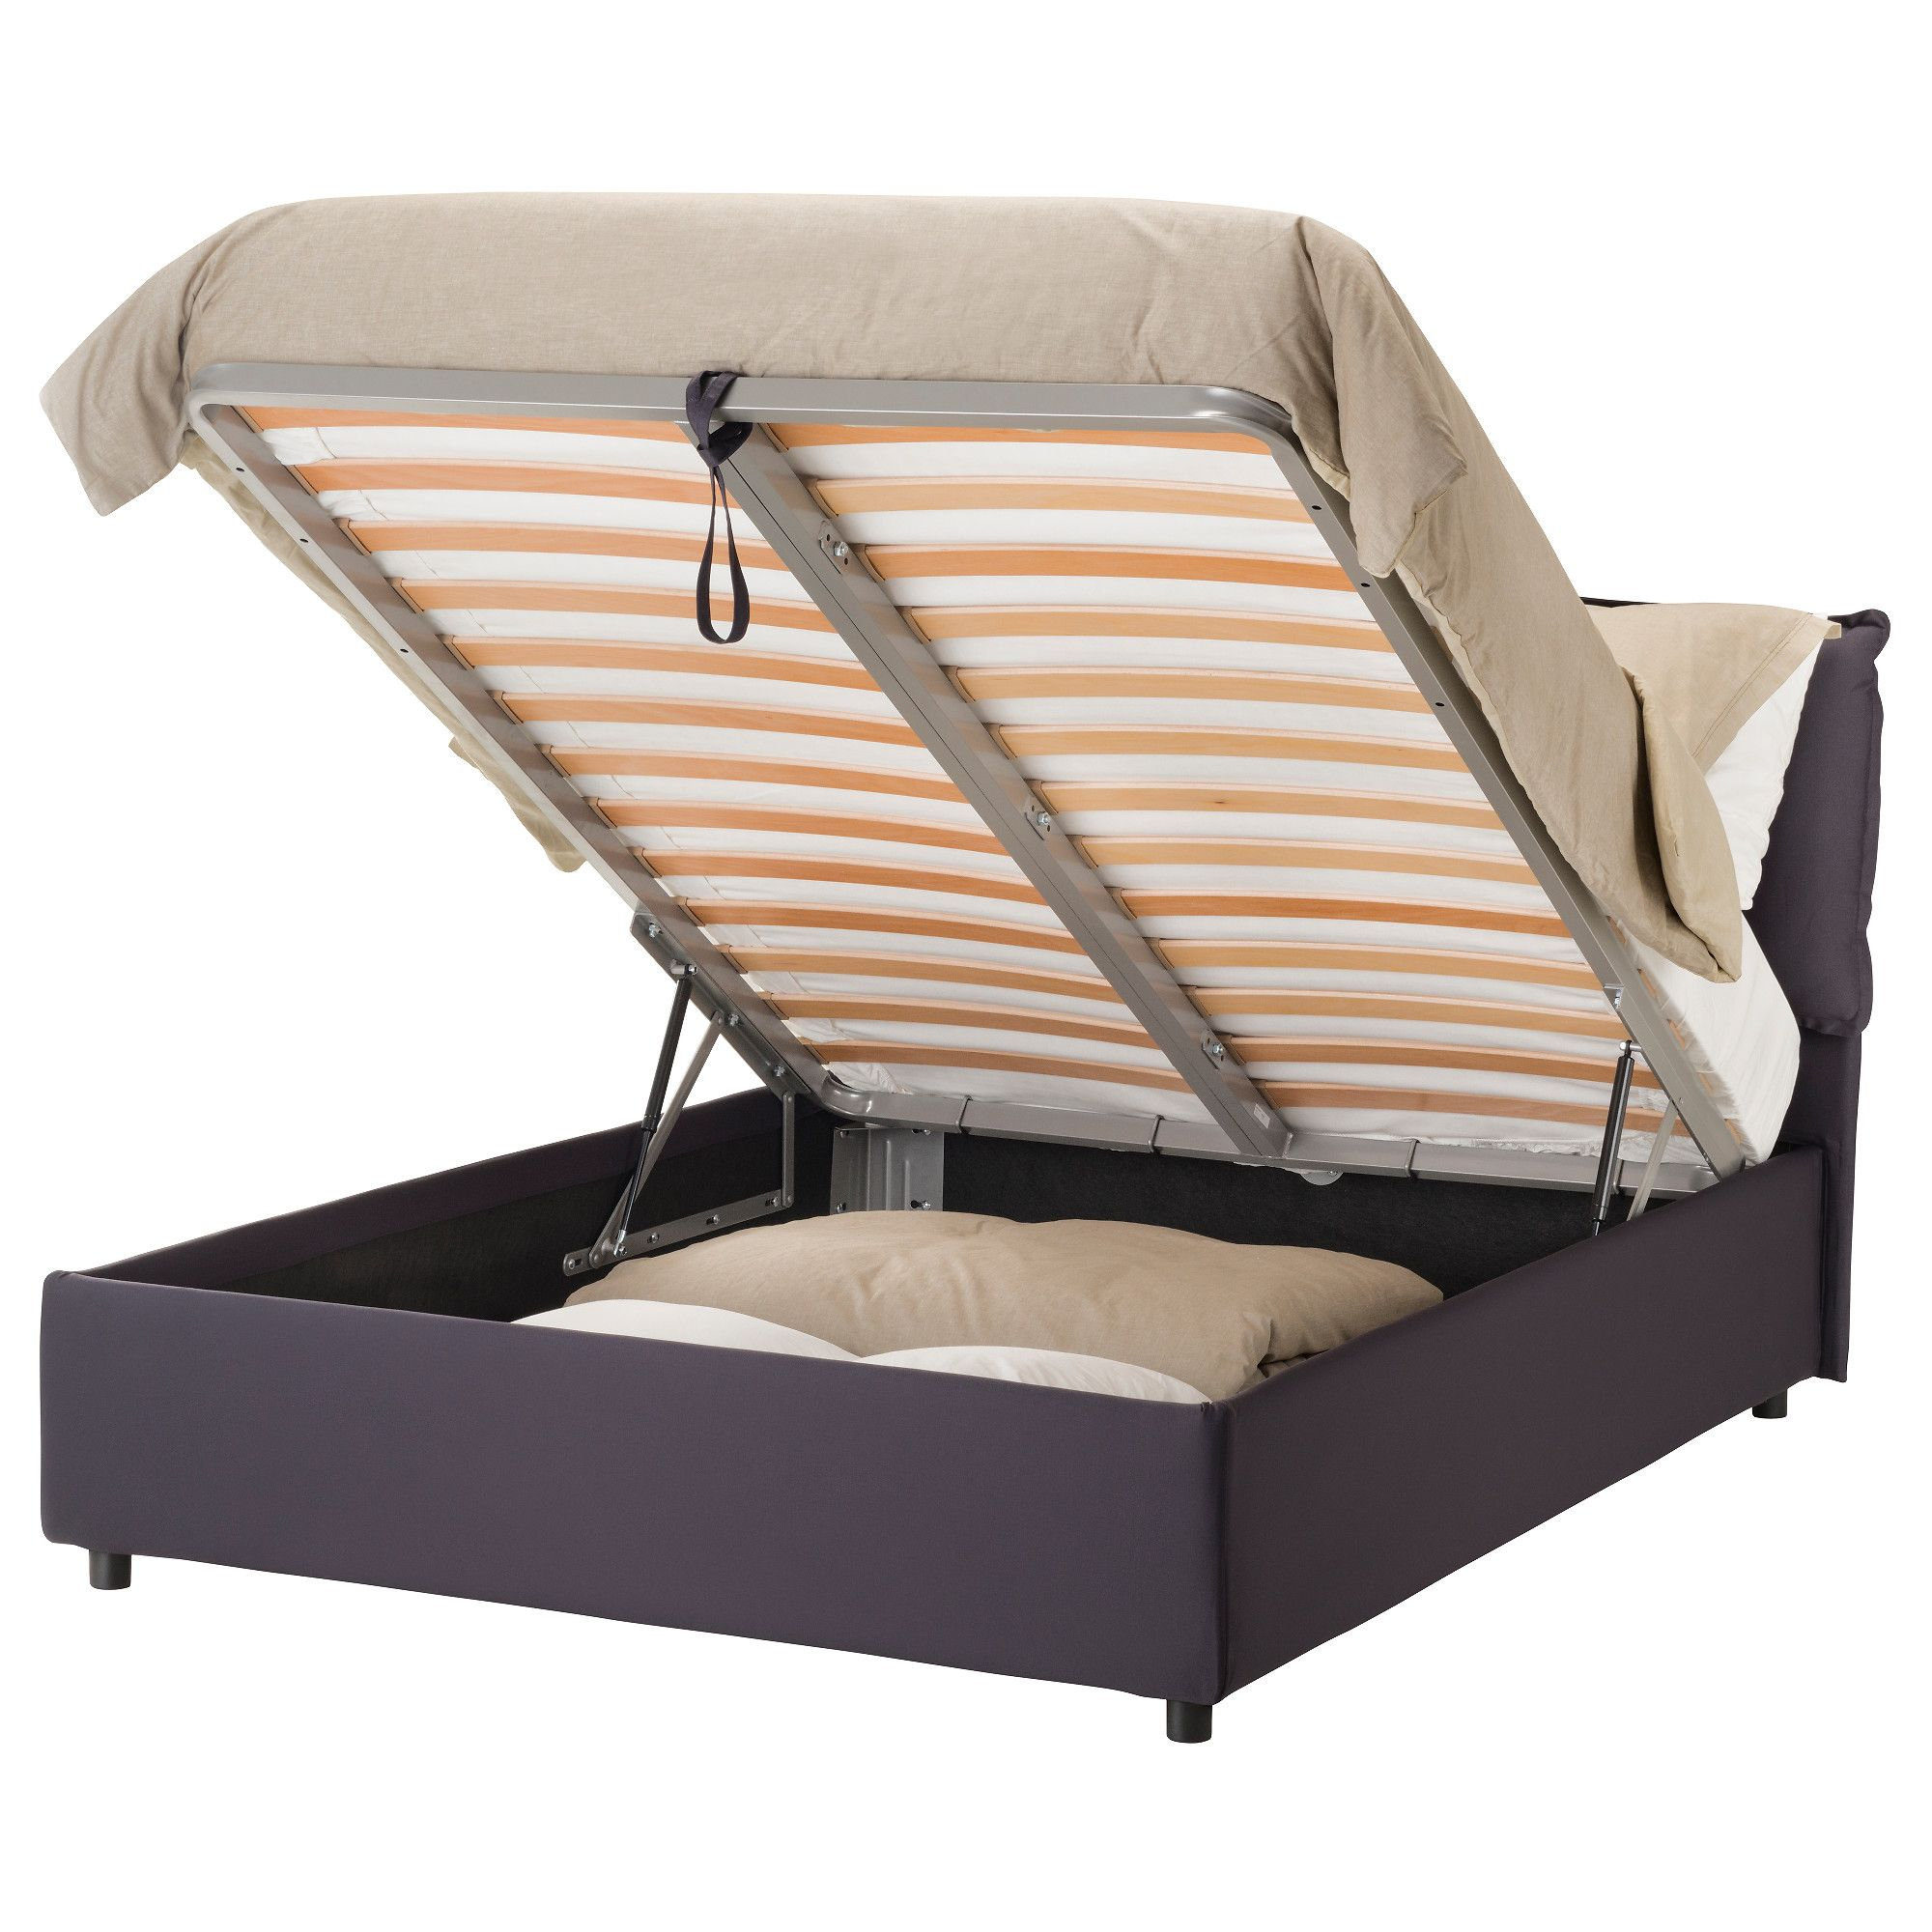 Come arredare una camera da letto piccola le idee salvaspazio immagine 672164 bigodino - Divano letto una piazza e mezza ikea ...